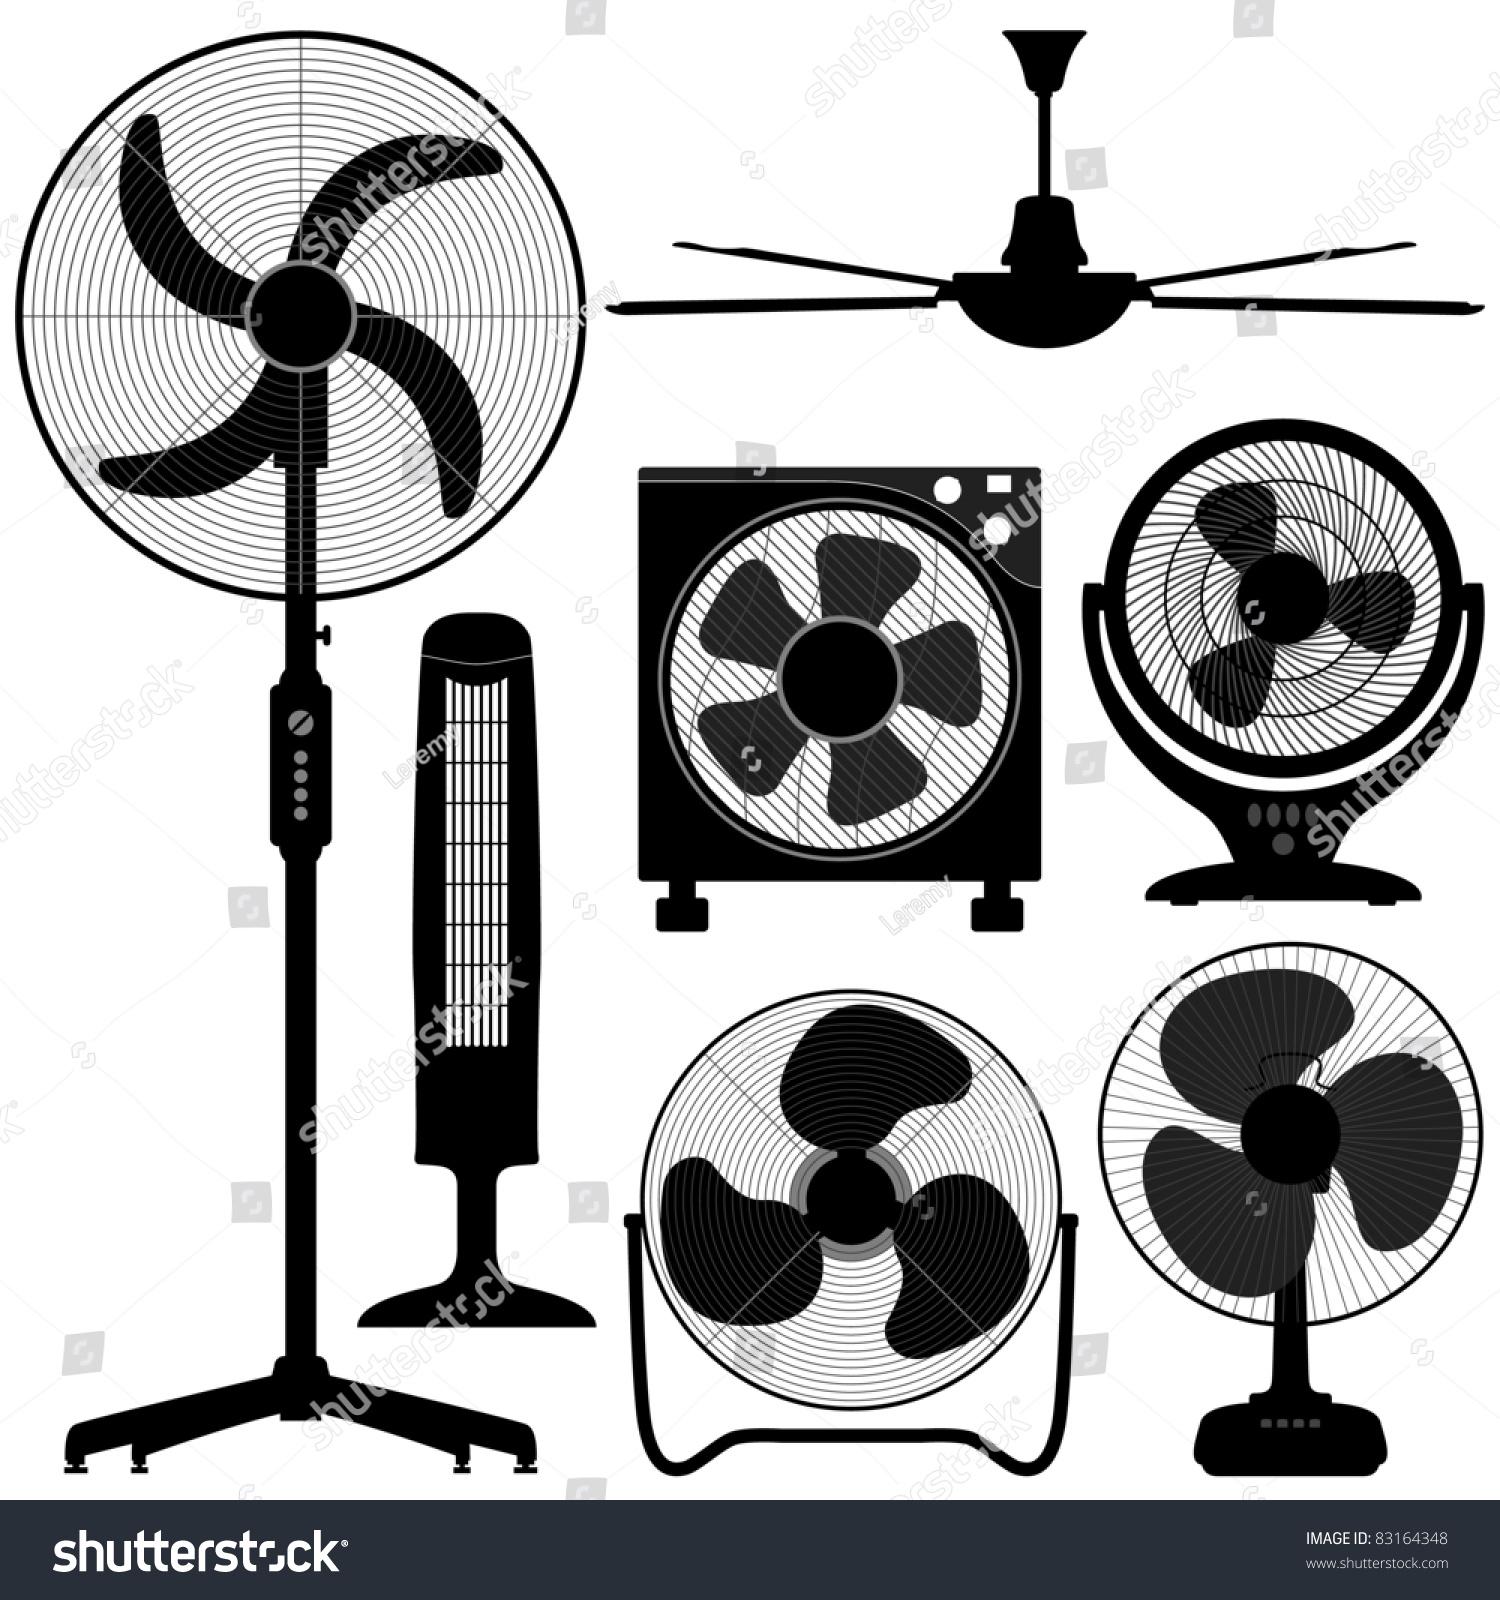 Ceiling fan shutter 30 in 2014